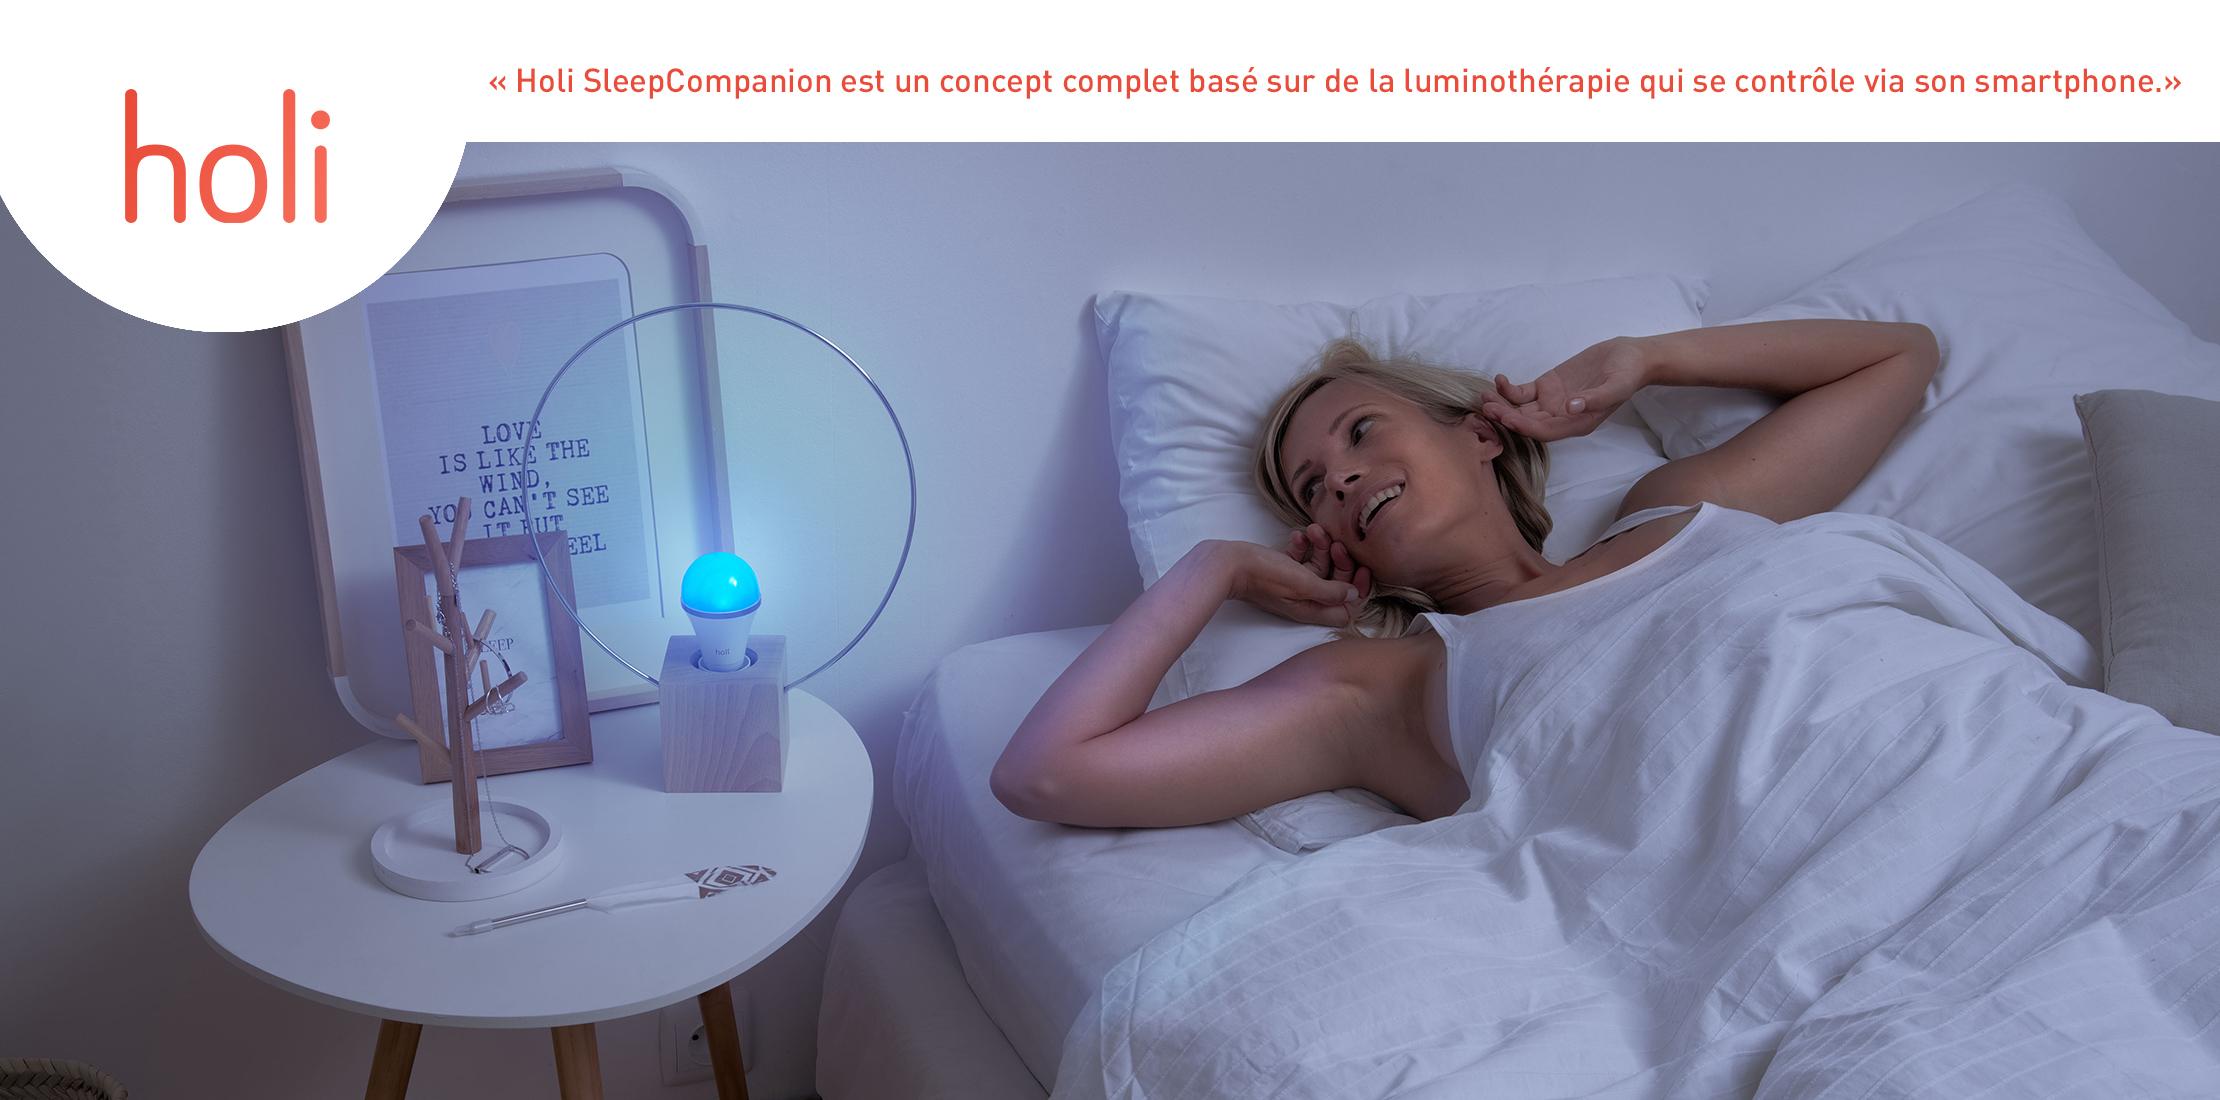 Holi SleepCompanion